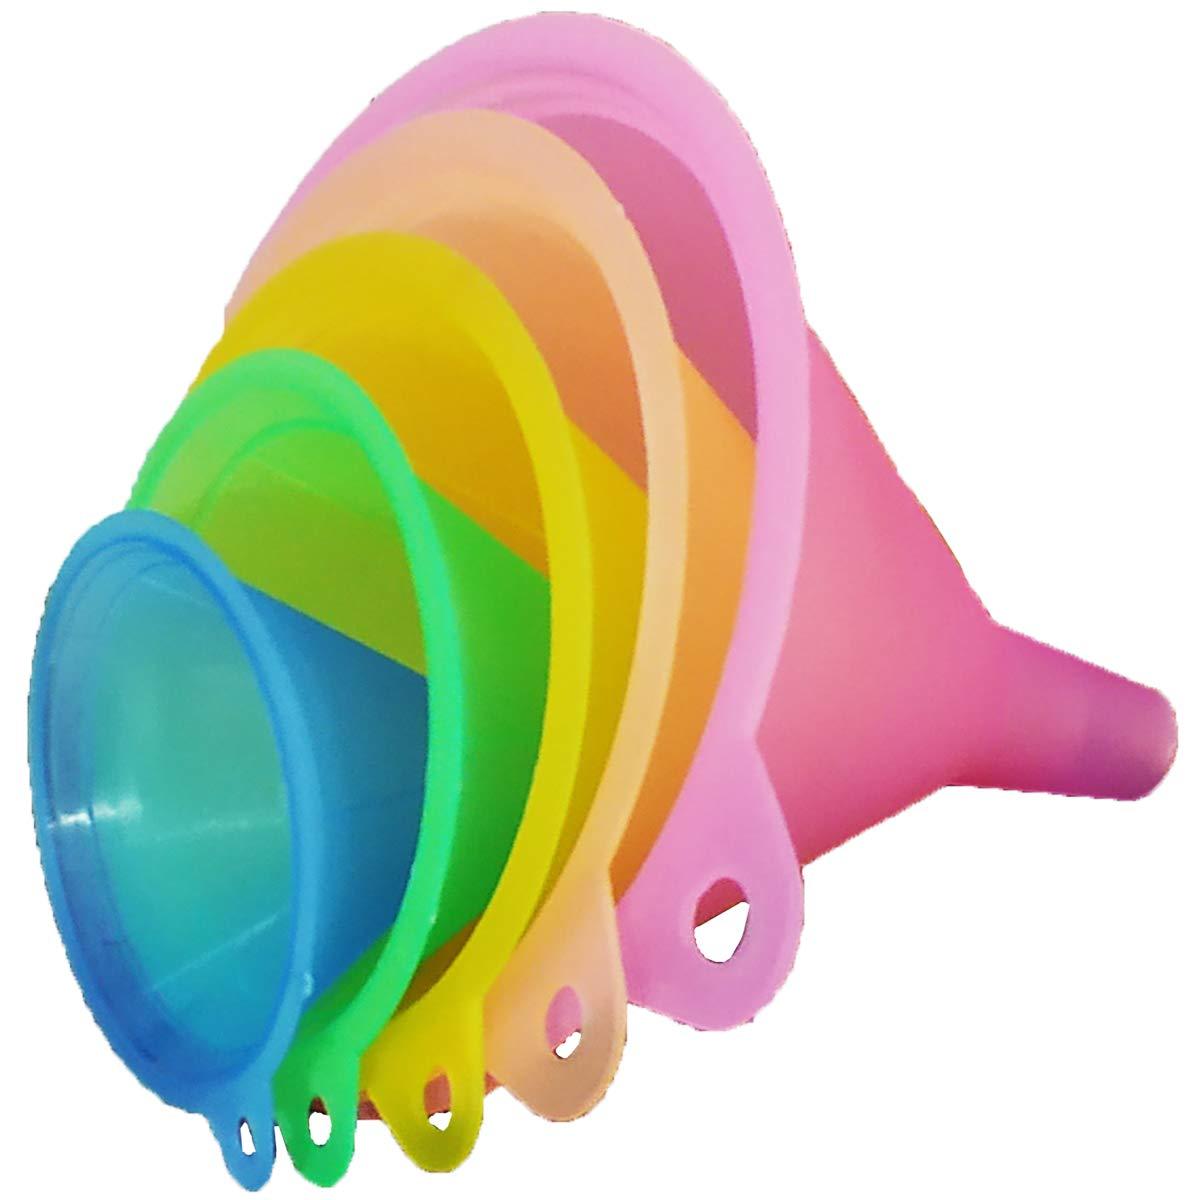 Set Imbuto per Cucina e casa YAOYIN Imbuto da Cucina Colori Arcobaleno Set di imbuti 5 Pezzi Resistente al Calore per Alimenti Imbuto per Olio Mini Imbuto ausilio per riempimento